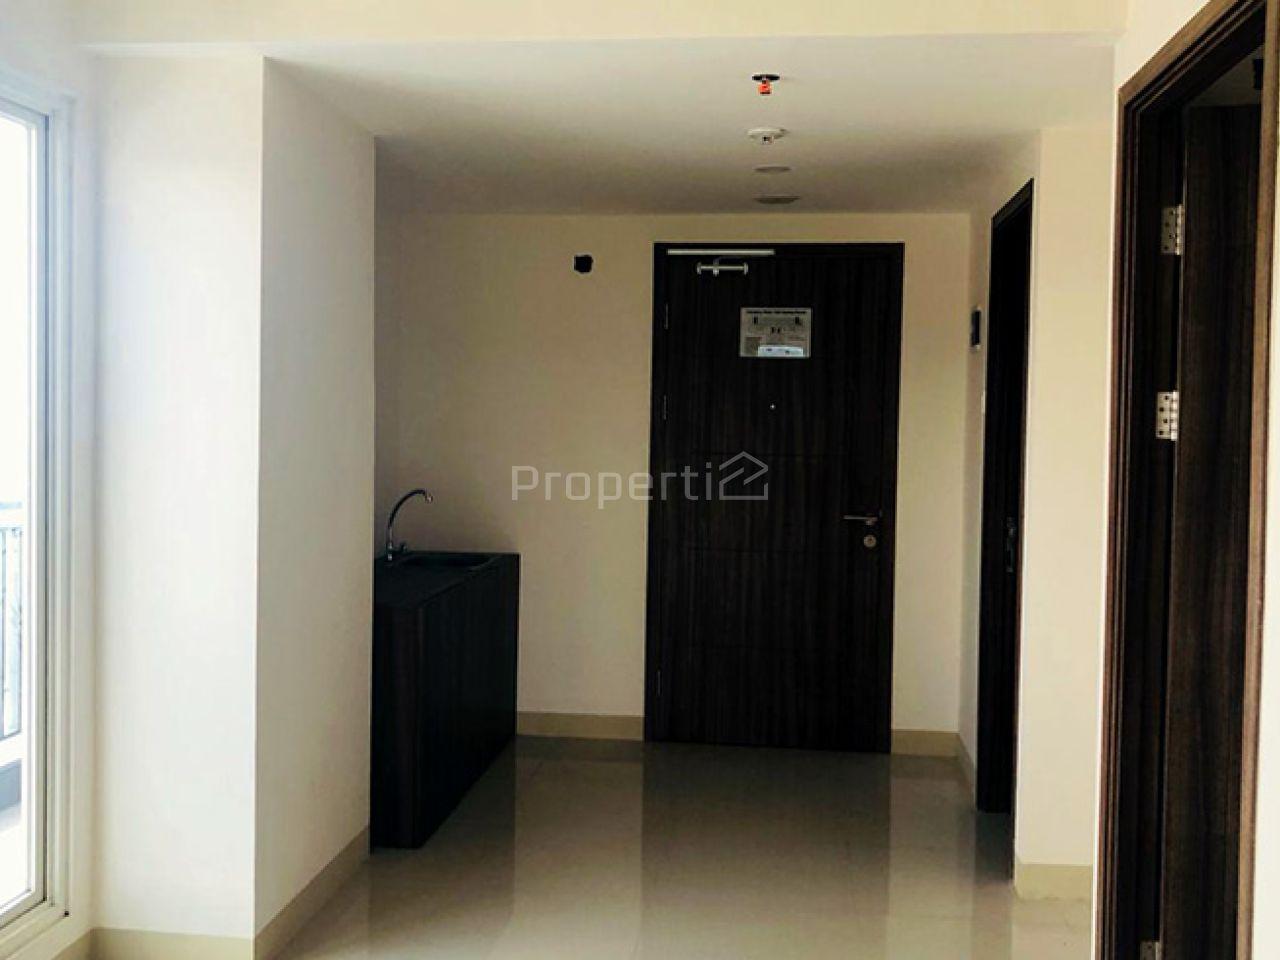 2BR Apartment Unit at Galeri Ciumbuleuit 3, 10th Floor, Kota Bandung